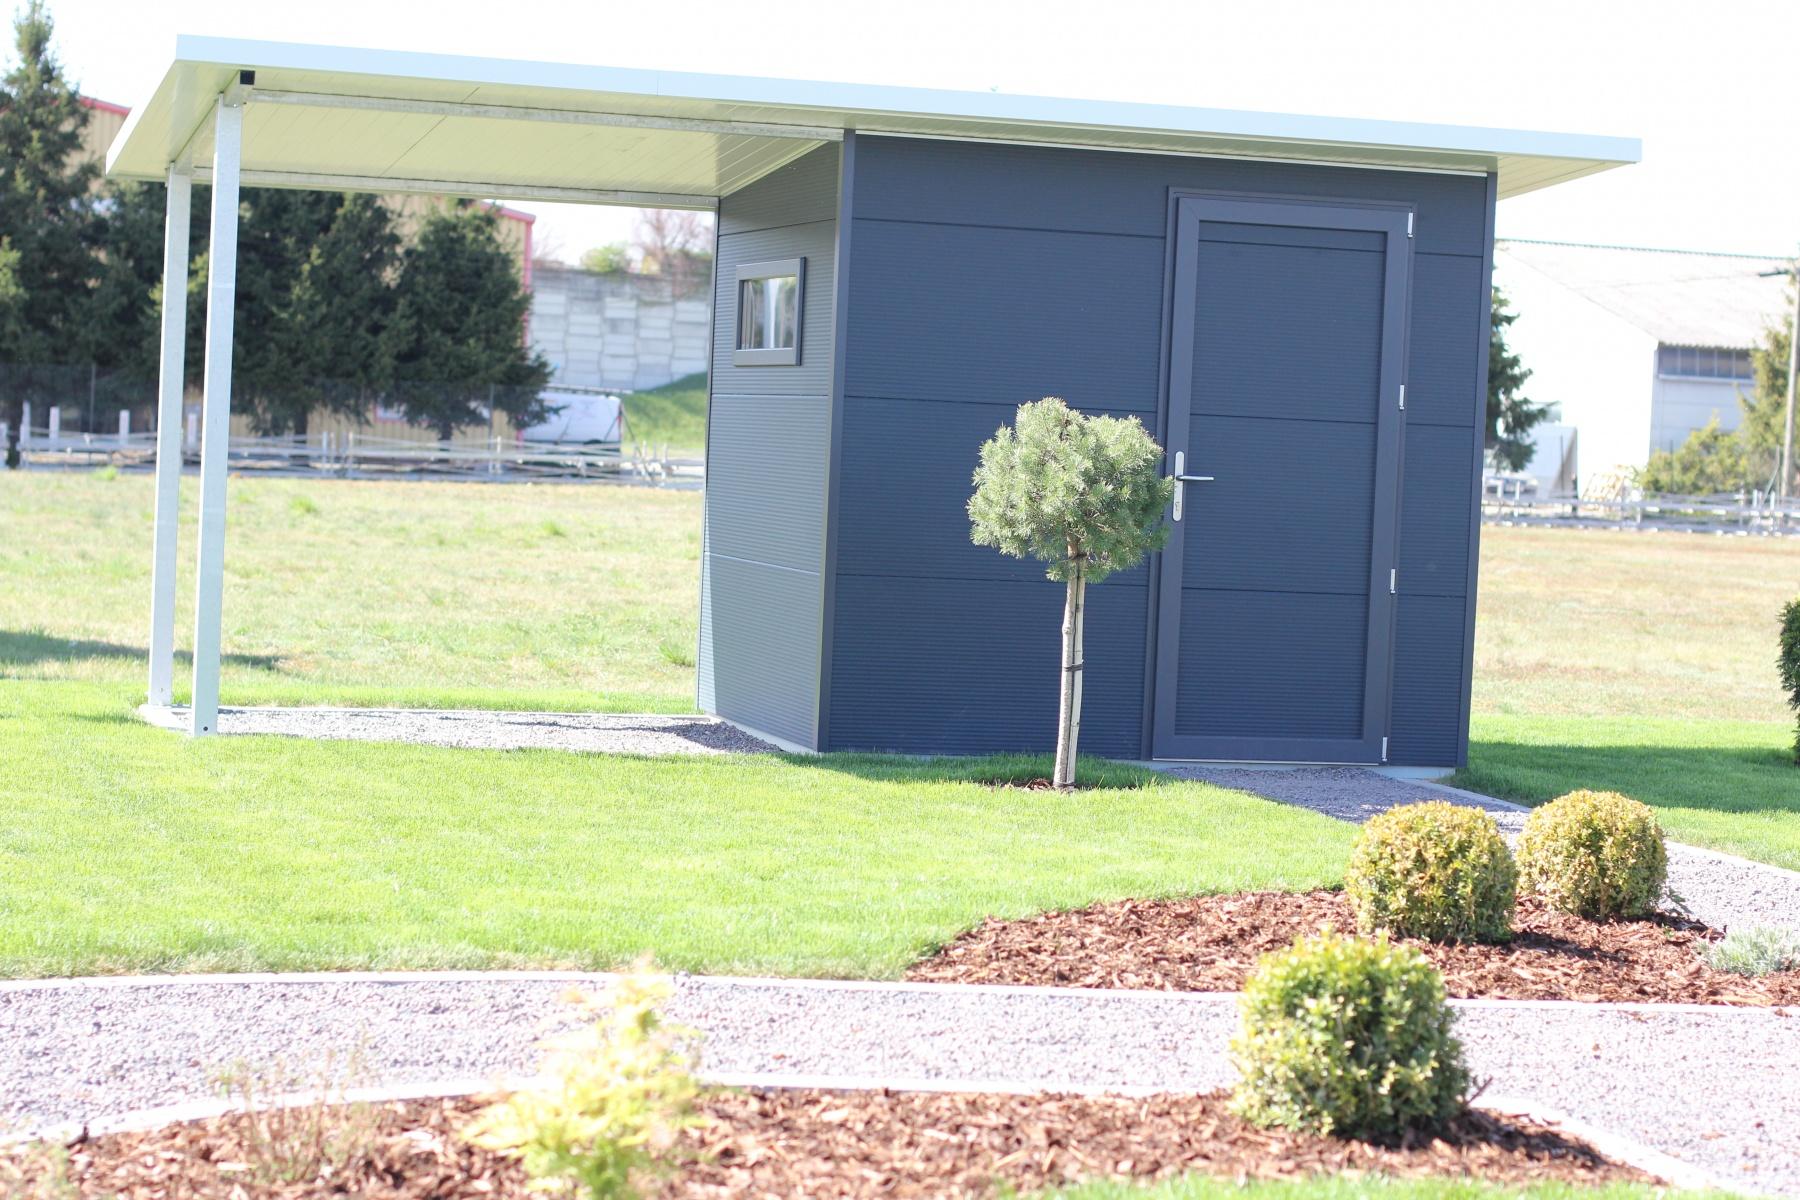 Nouvelle exposition permanente de 8 pavillons de jardin - Le jardin haguenau ...